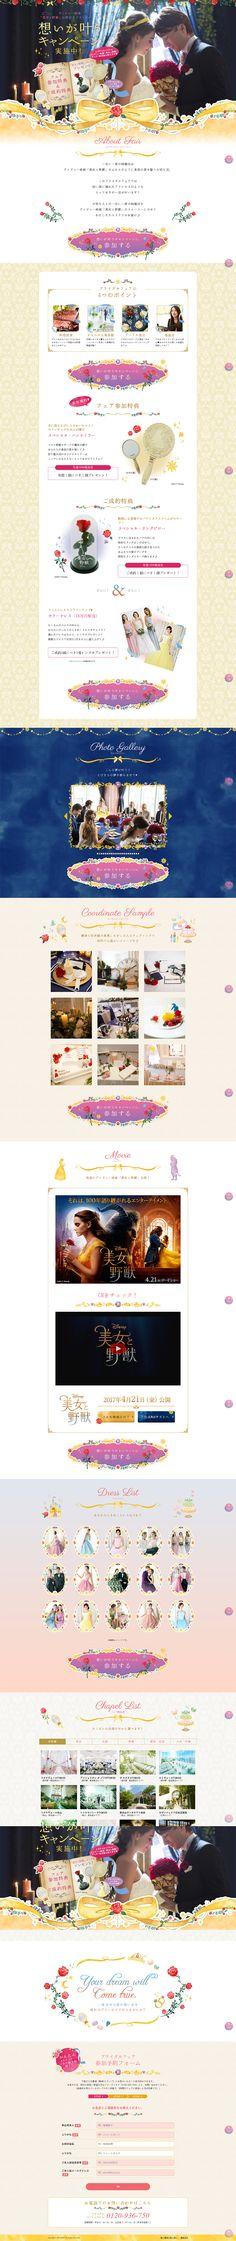 「美女と野獣」ブライダルフェア|WEBデザイナーさん必見!ランディングページのデザイン参考に(かわいい系)